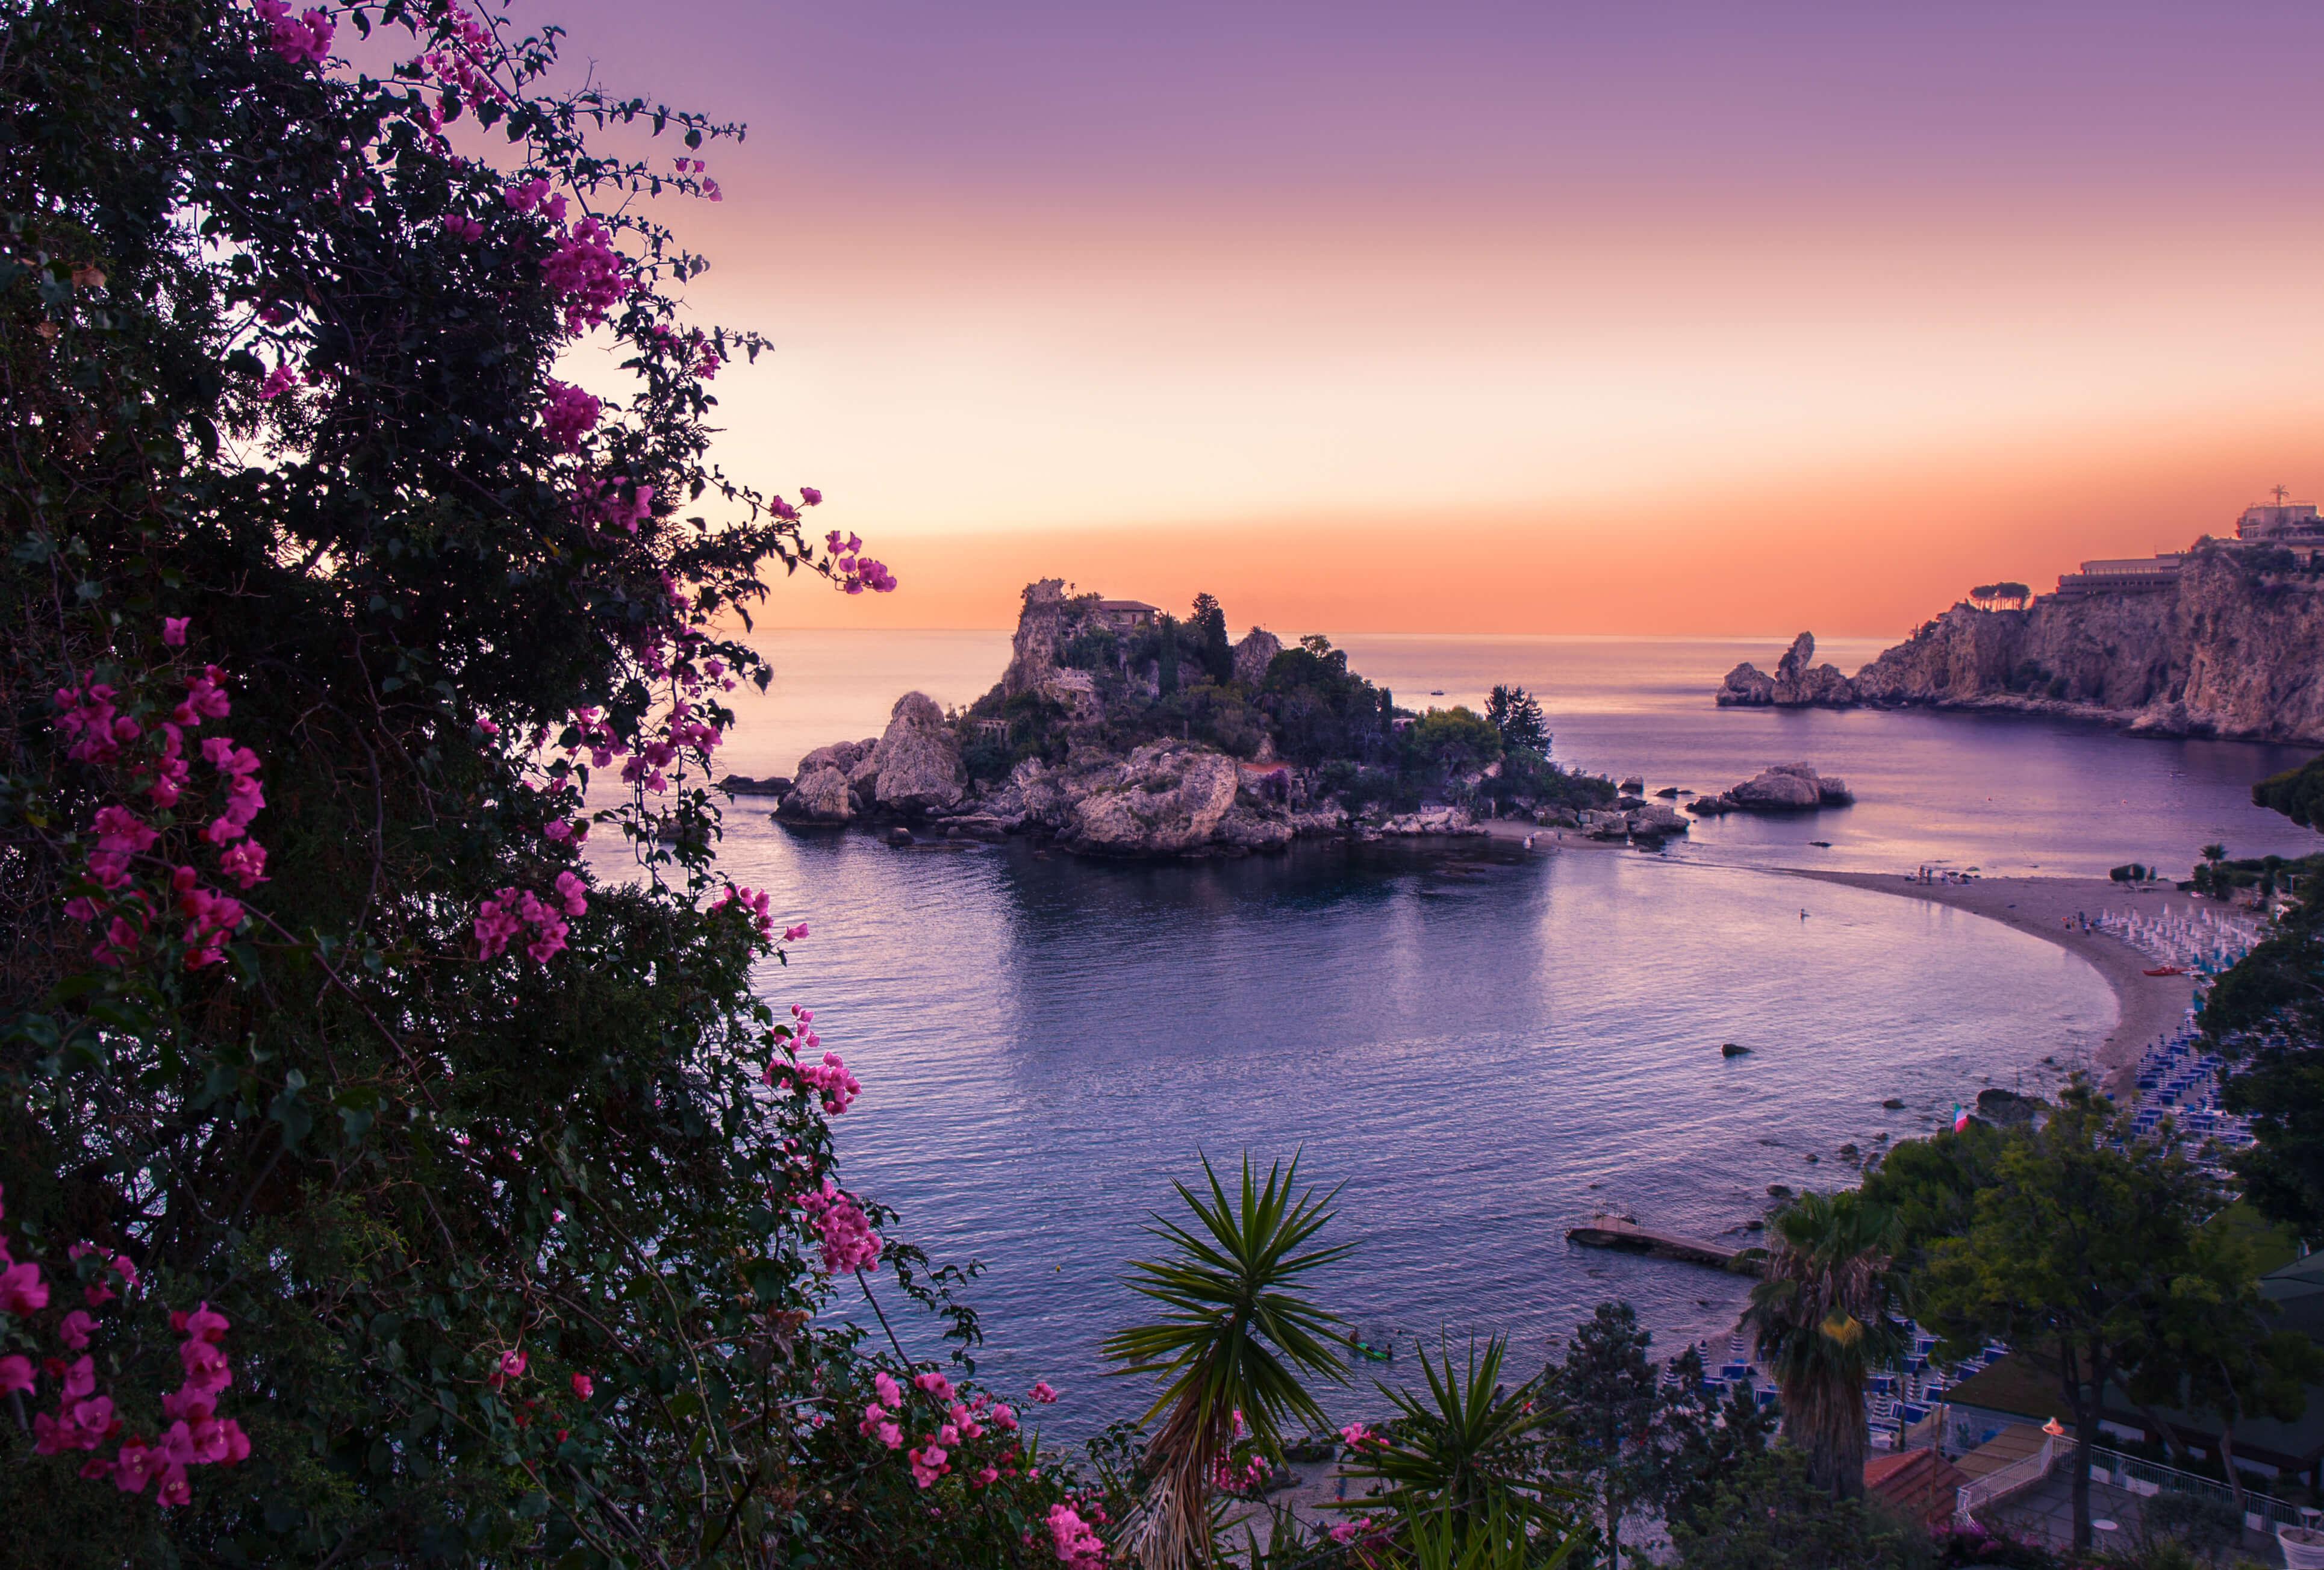 Sicily-isola-sunset